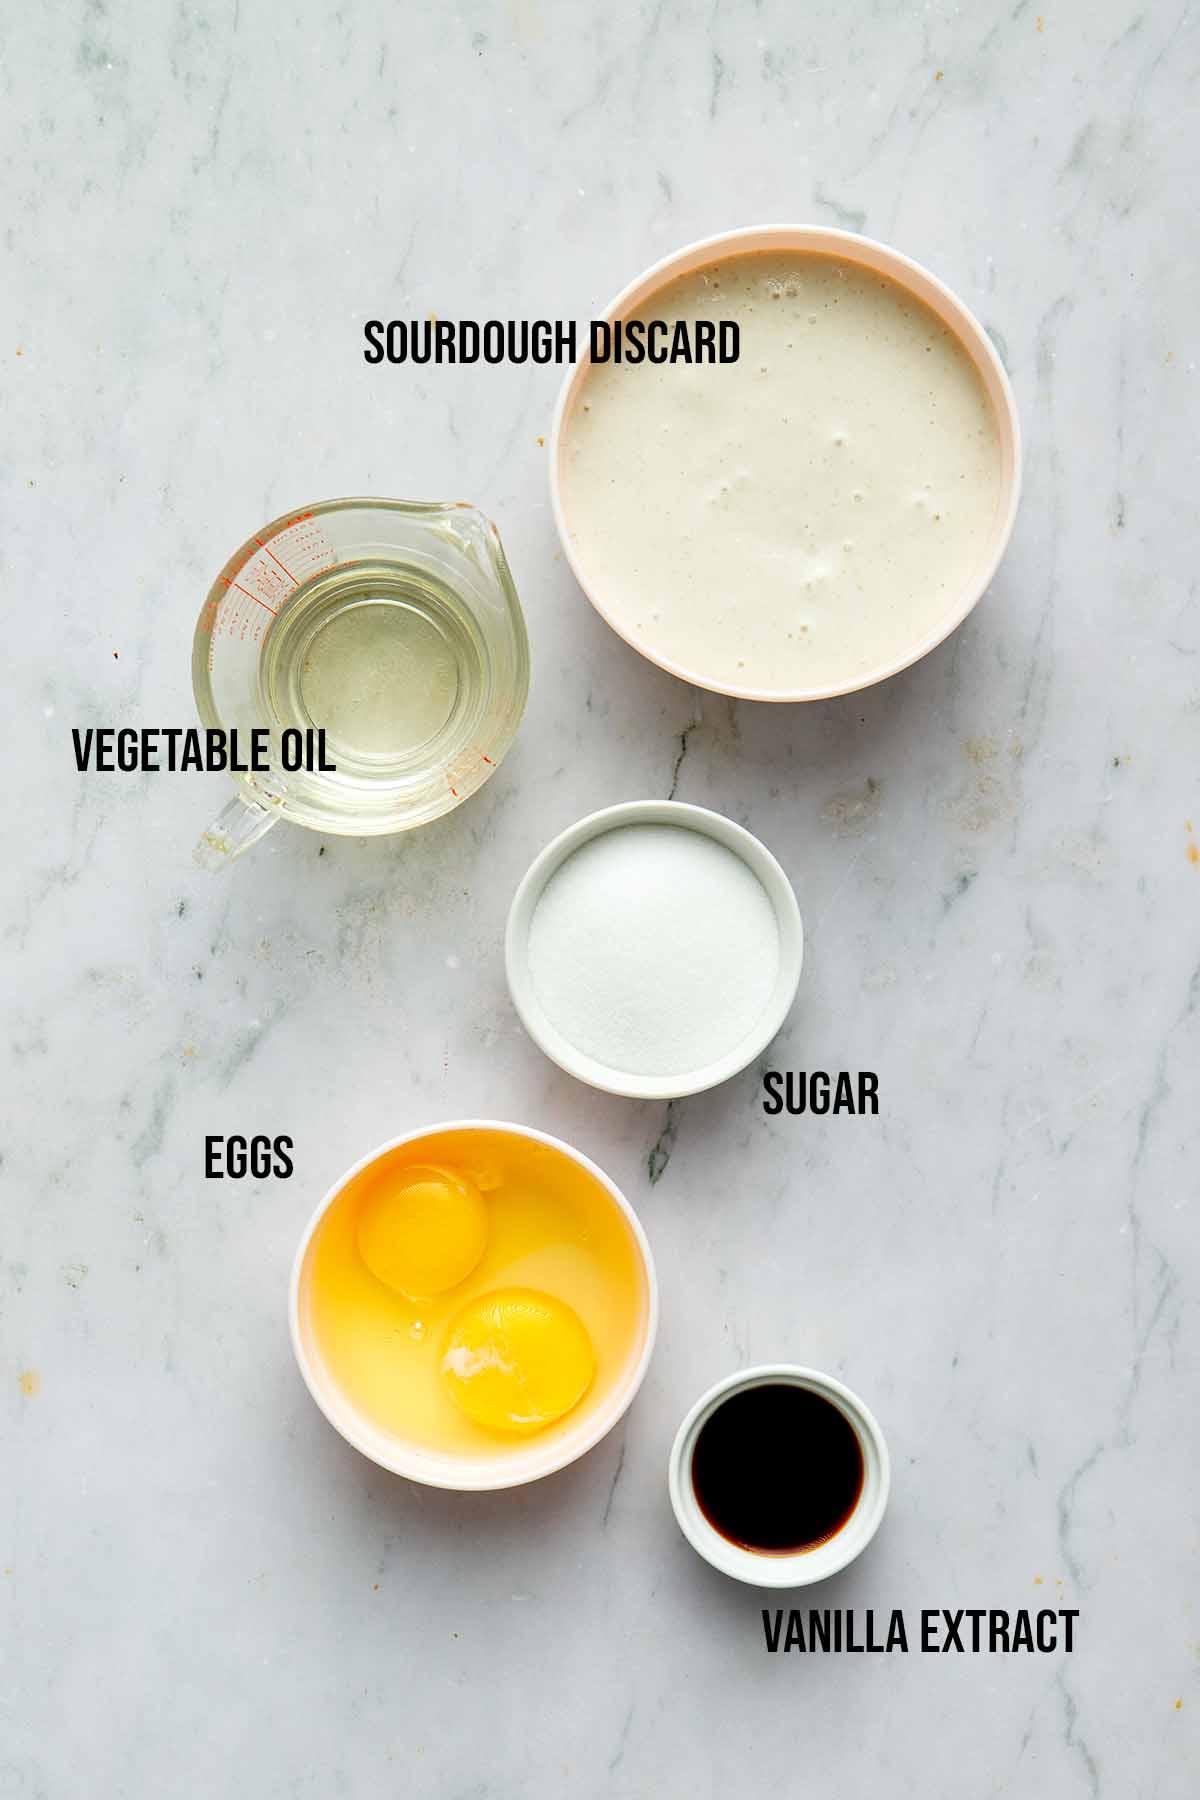 Sourdough muffin wet ingredients.